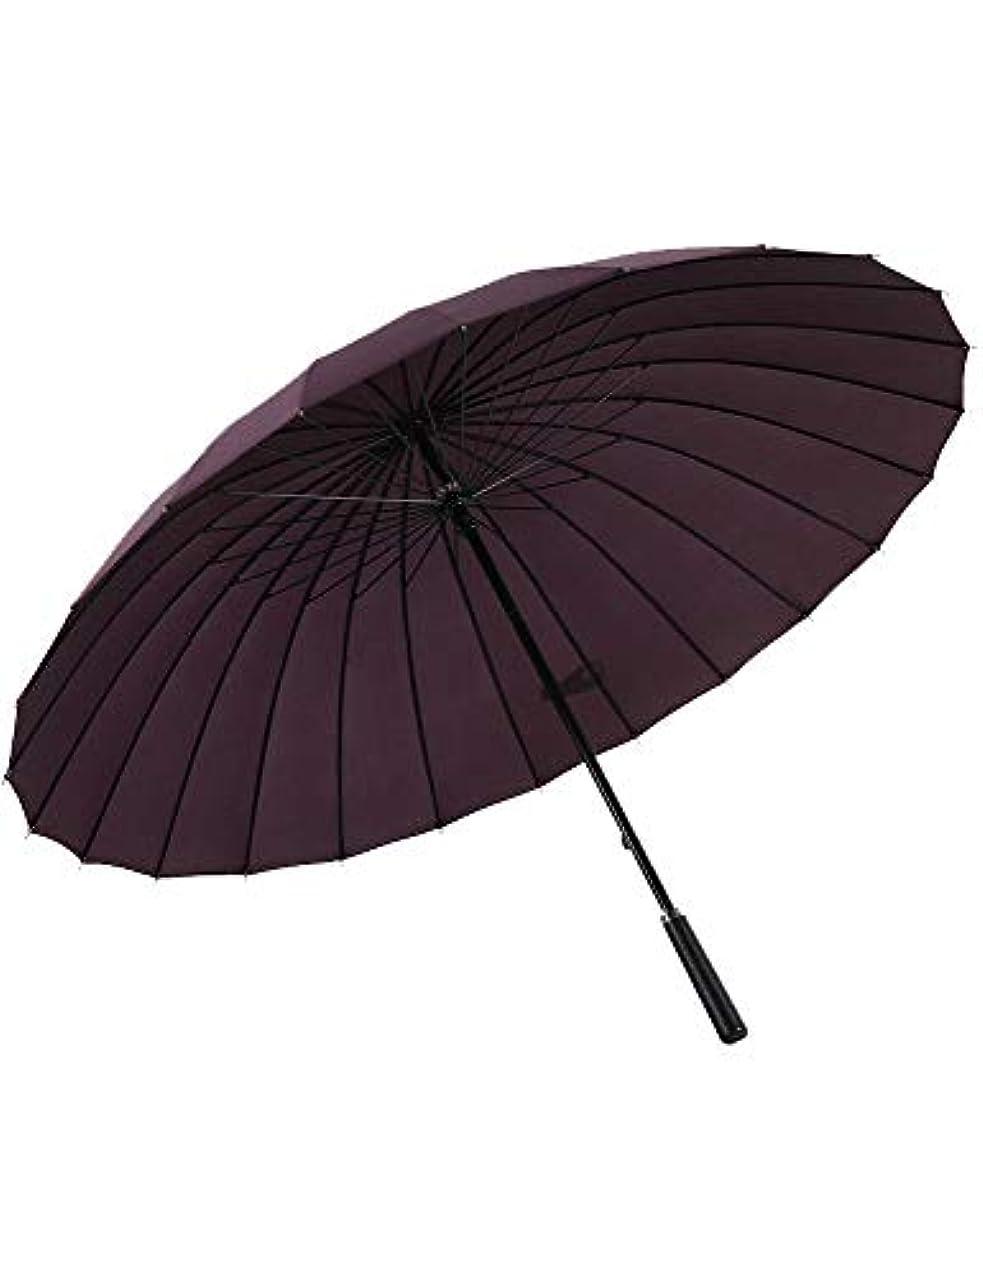 キリスト教吐く視線傘、24骨大ビジネス傘広告傘傘日焼け止めクリエイティブ傘自動折りたたみ傘 (Color : Purple)